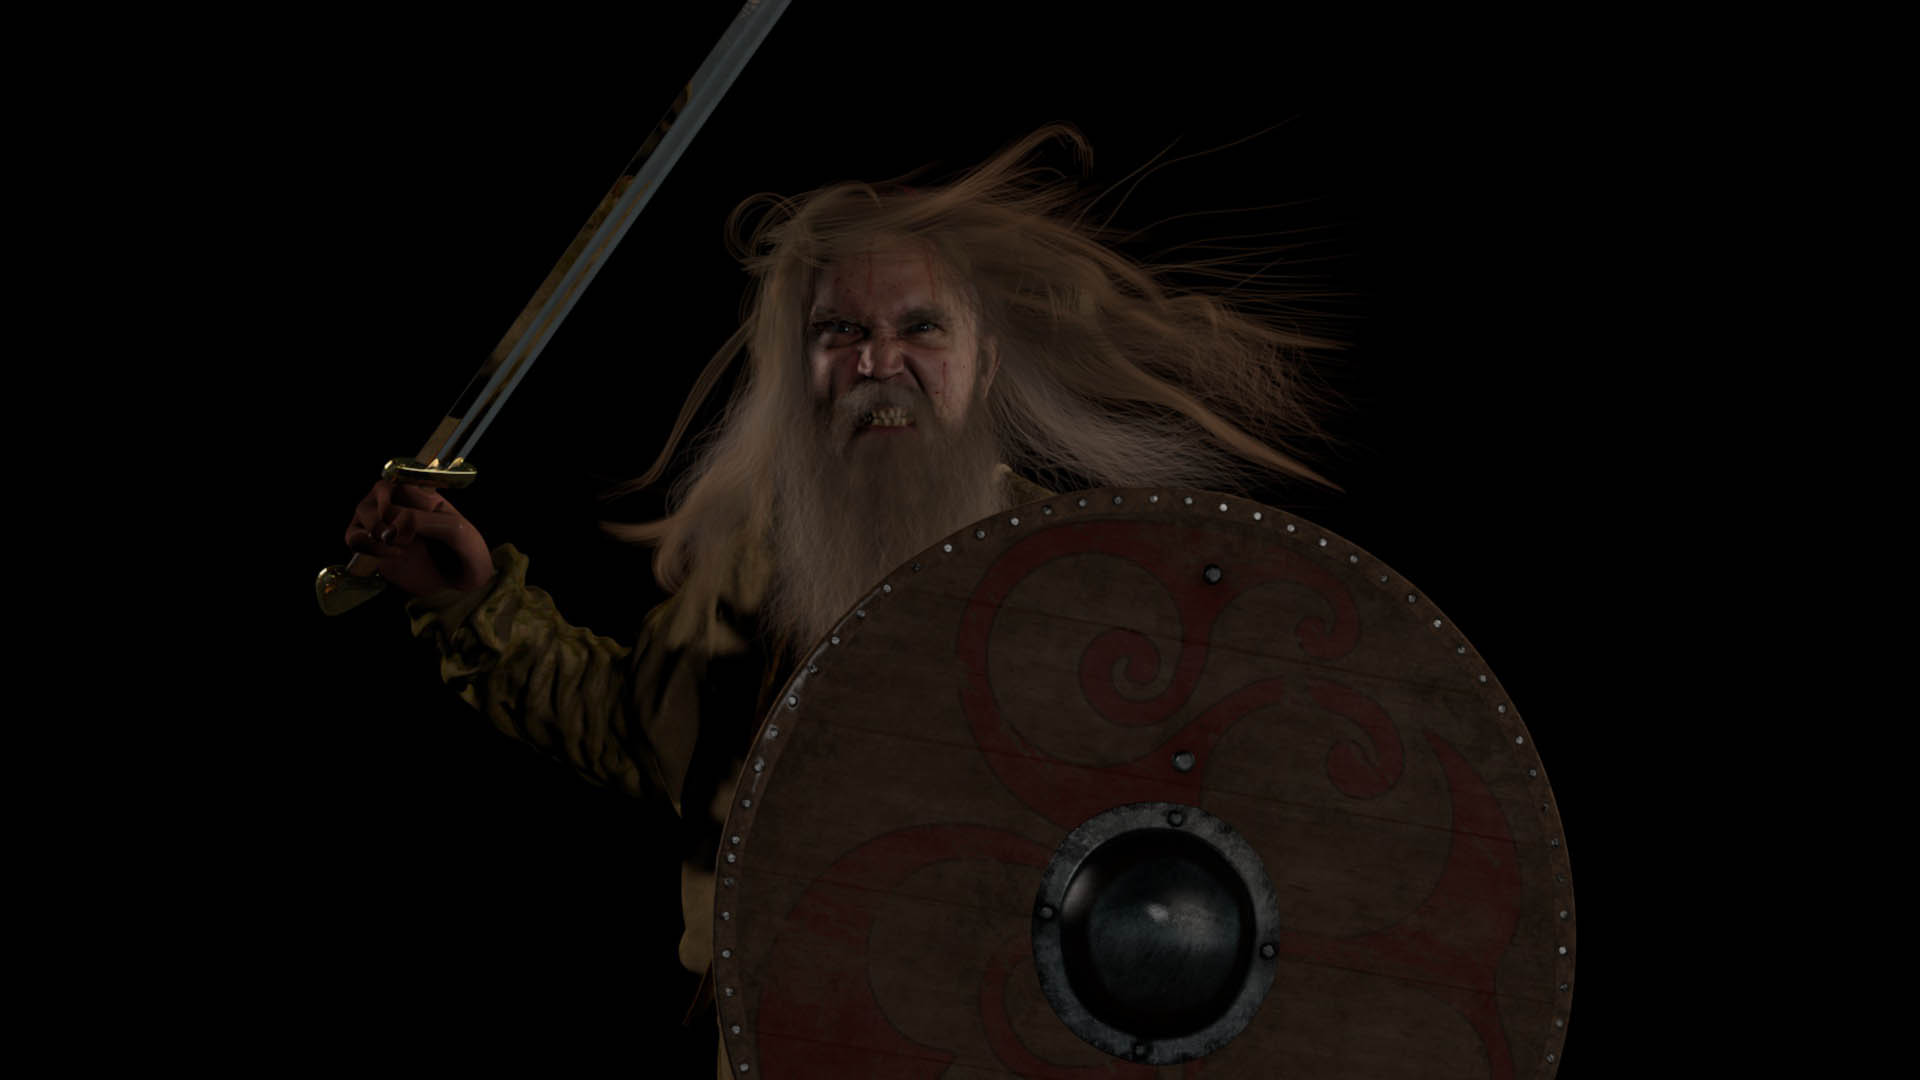 Final Viking King